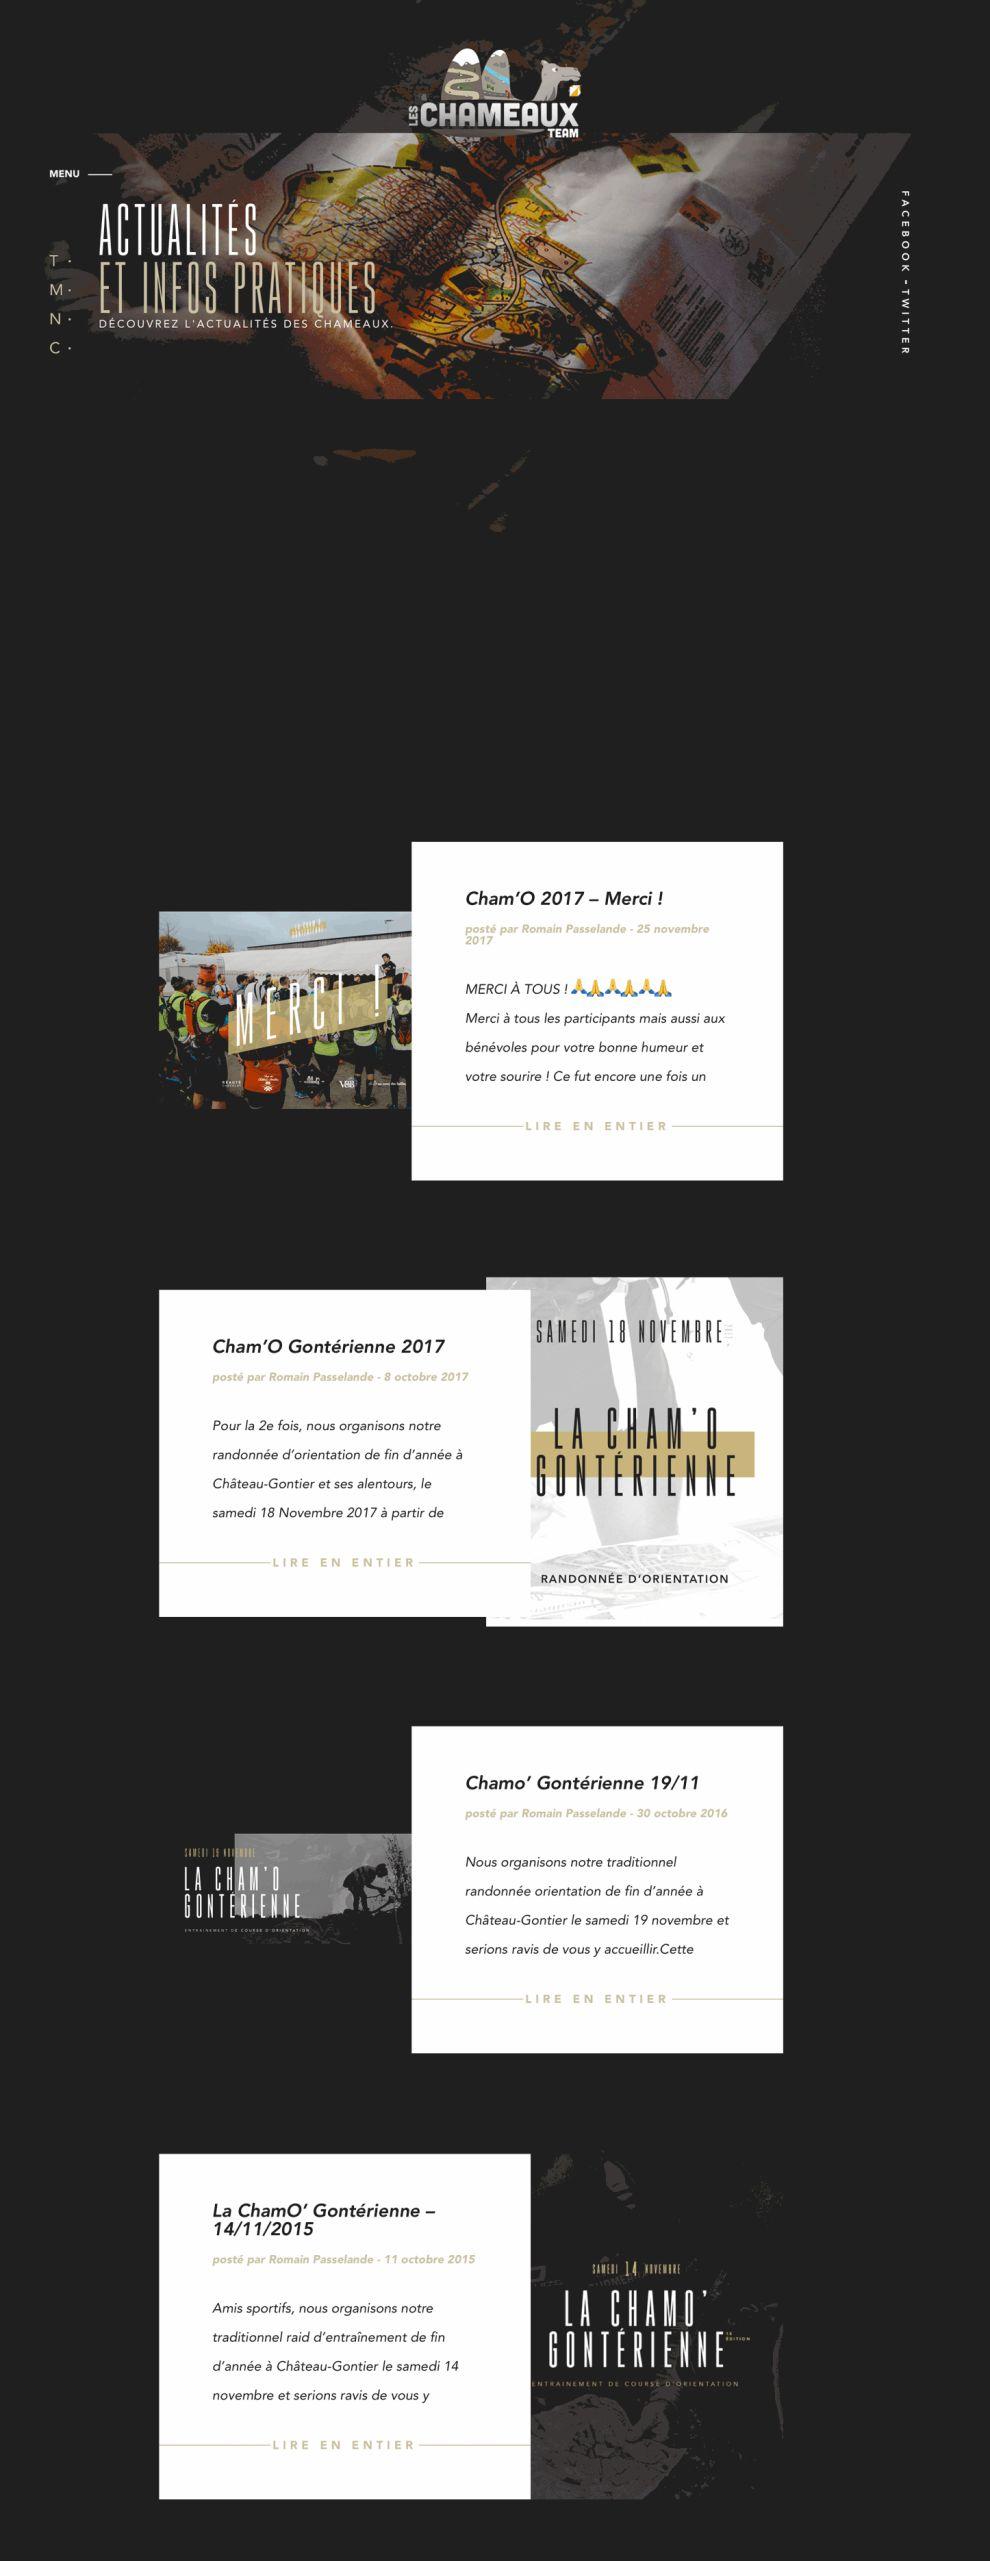 Team Les Chameaux Beautiful News Page